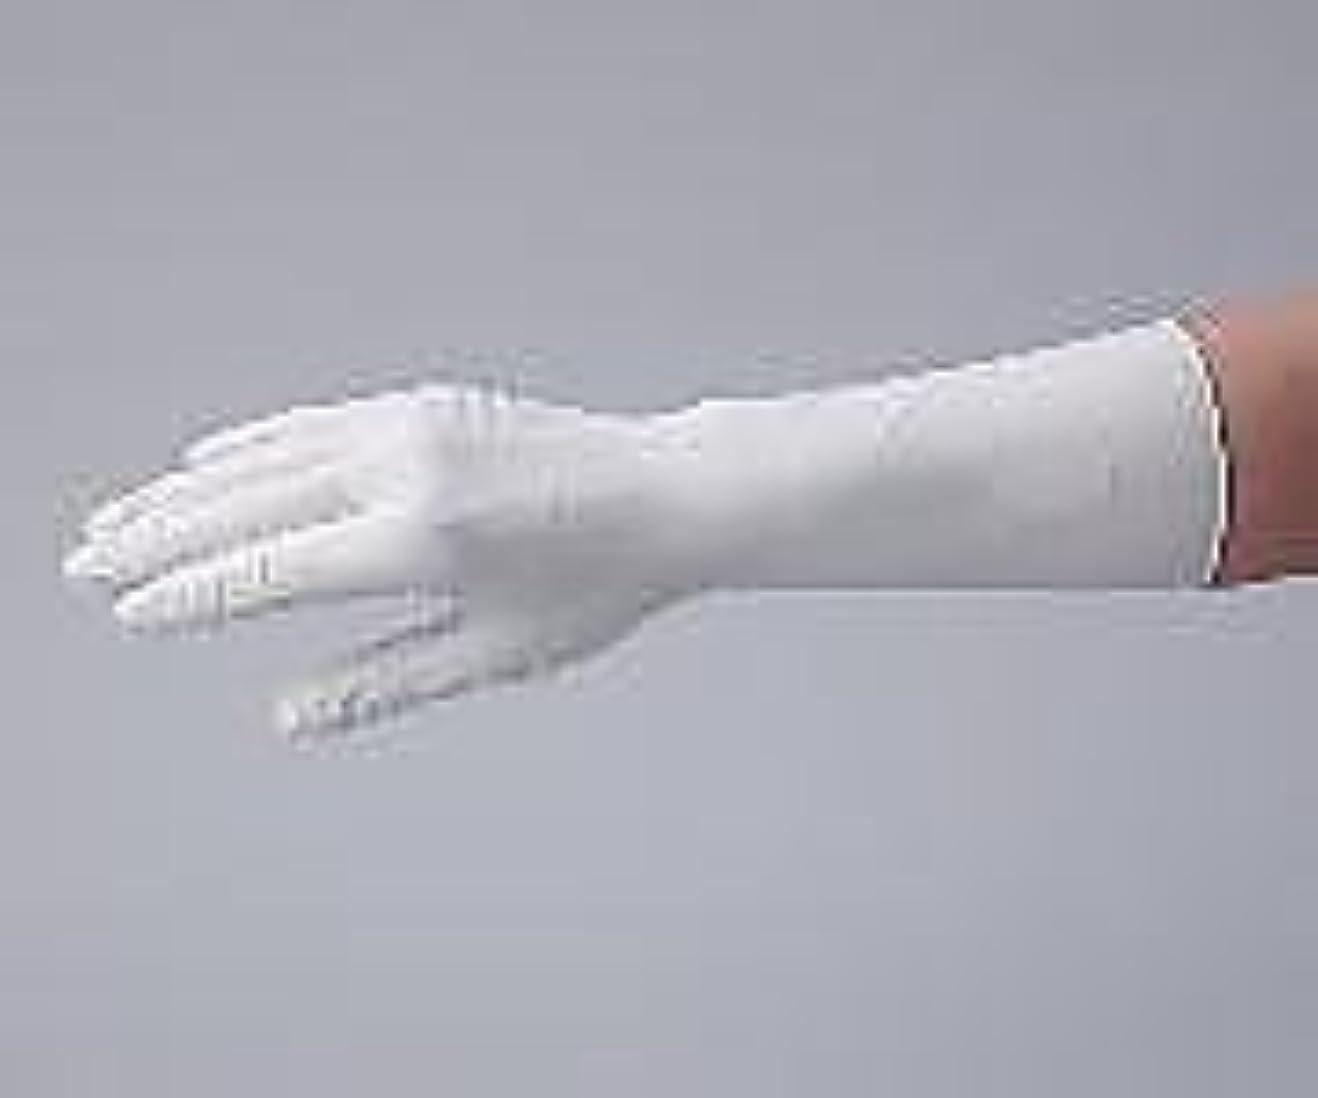 提案する柔らかい足サークルアズピュア(アズワン)1-2324-52アズピュアクリーンファーストニトリル手袋(ペアタイプ)クリーンパックS左右各50枚×10袋入